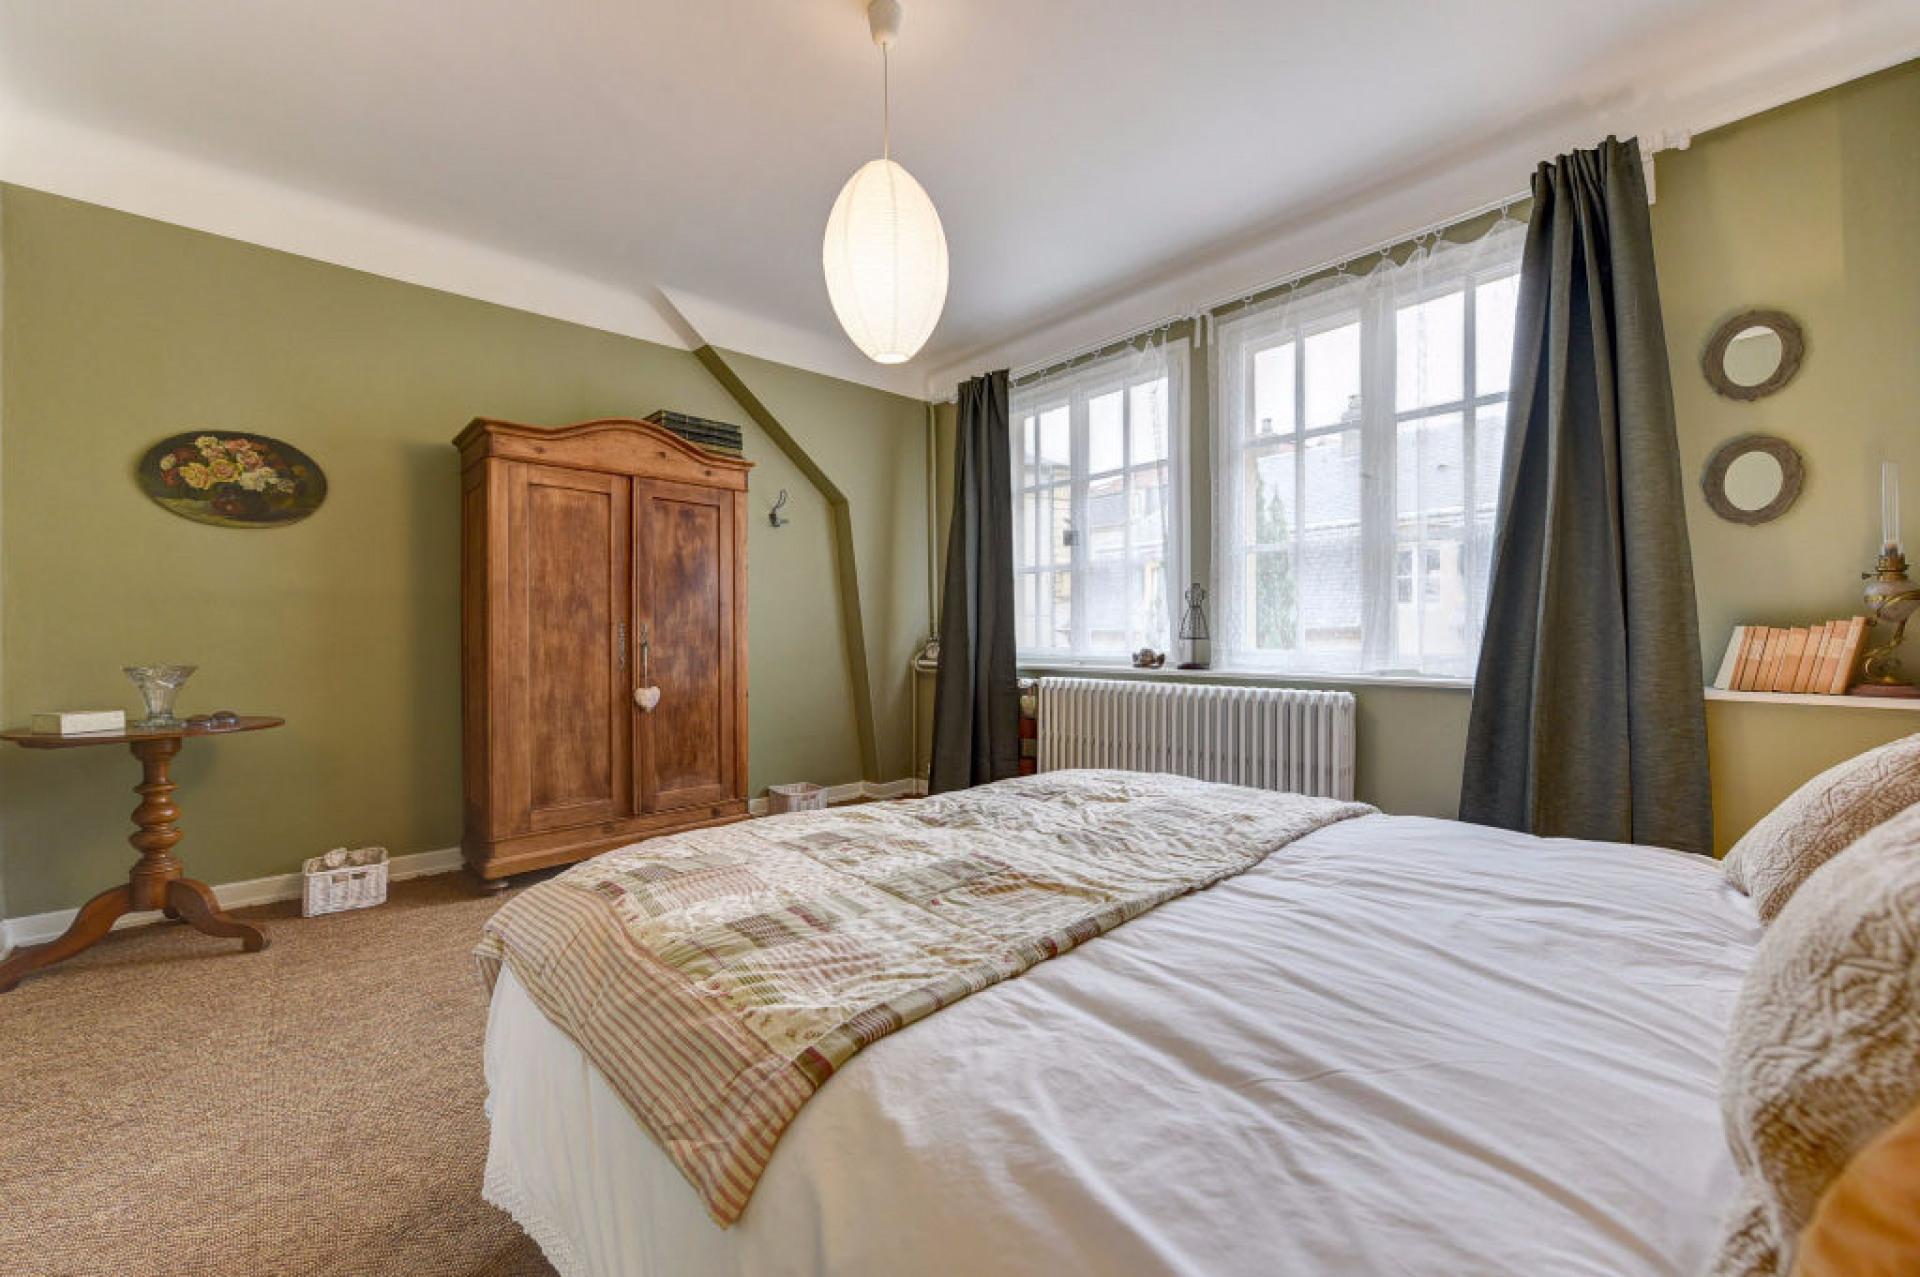 Appartement meubl de tourisme metz flower power herbeth immobilier - Appartement meuble thionville ...